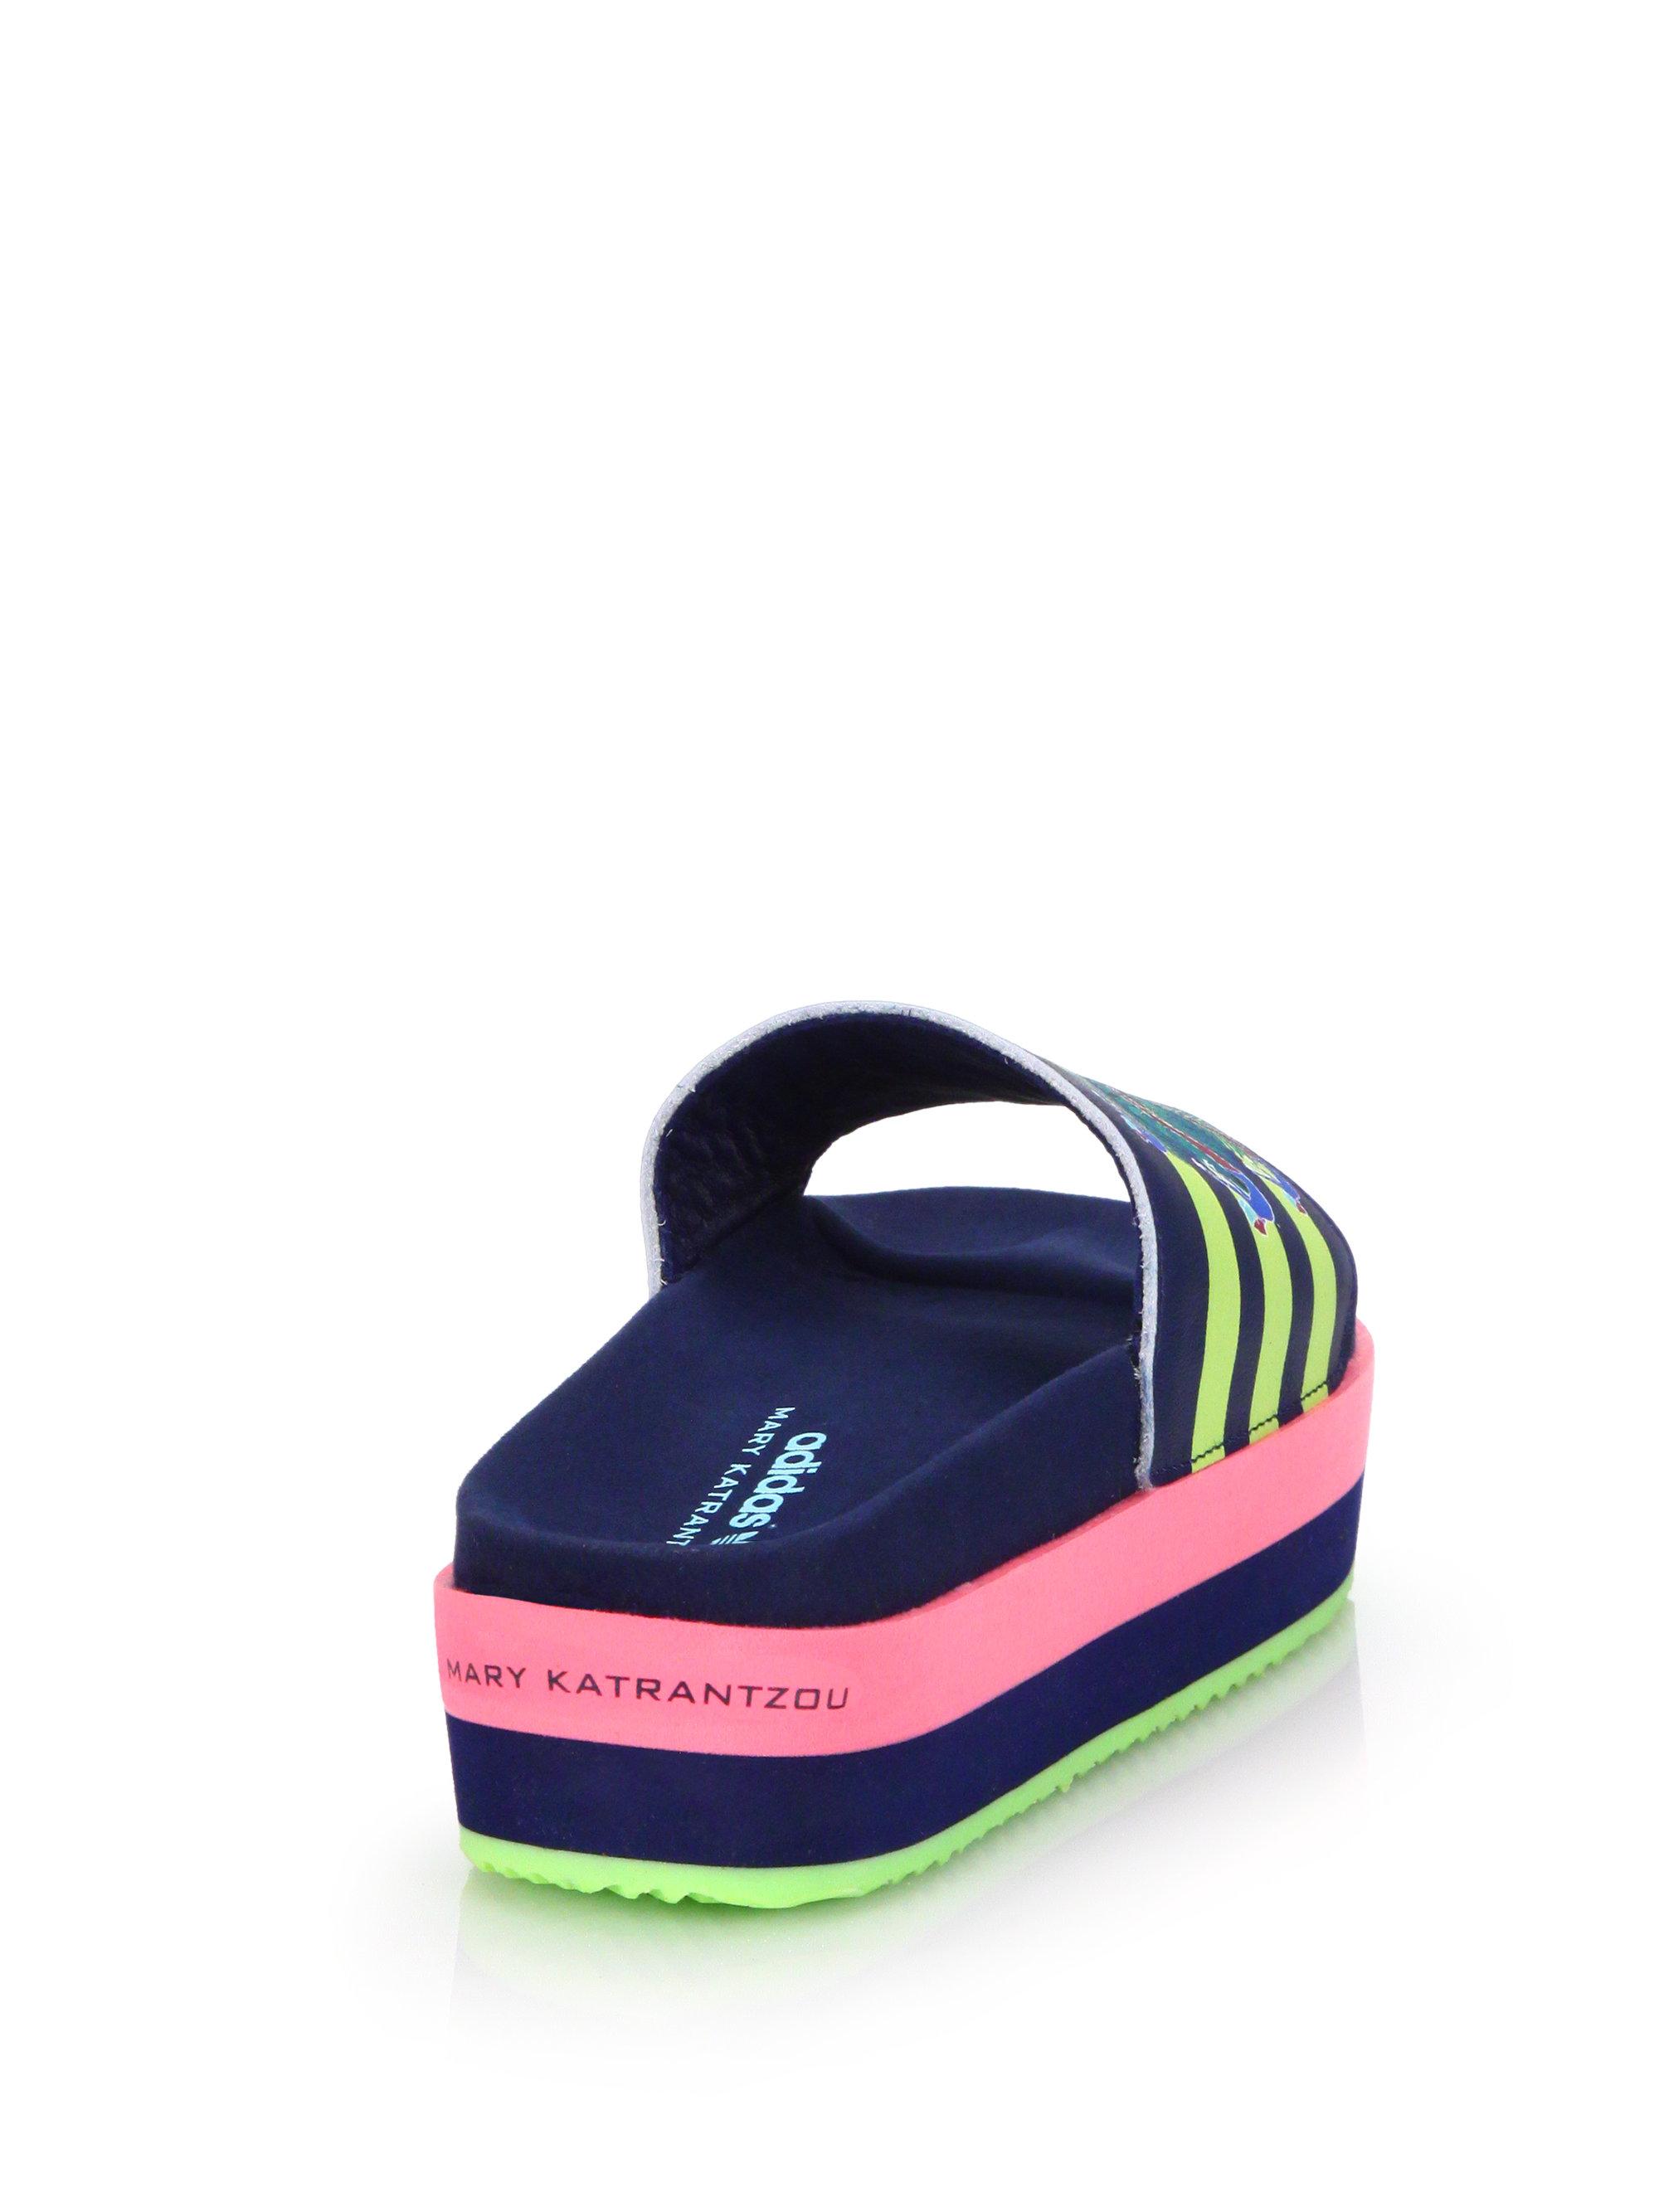 Adidas Platefom Shoes S